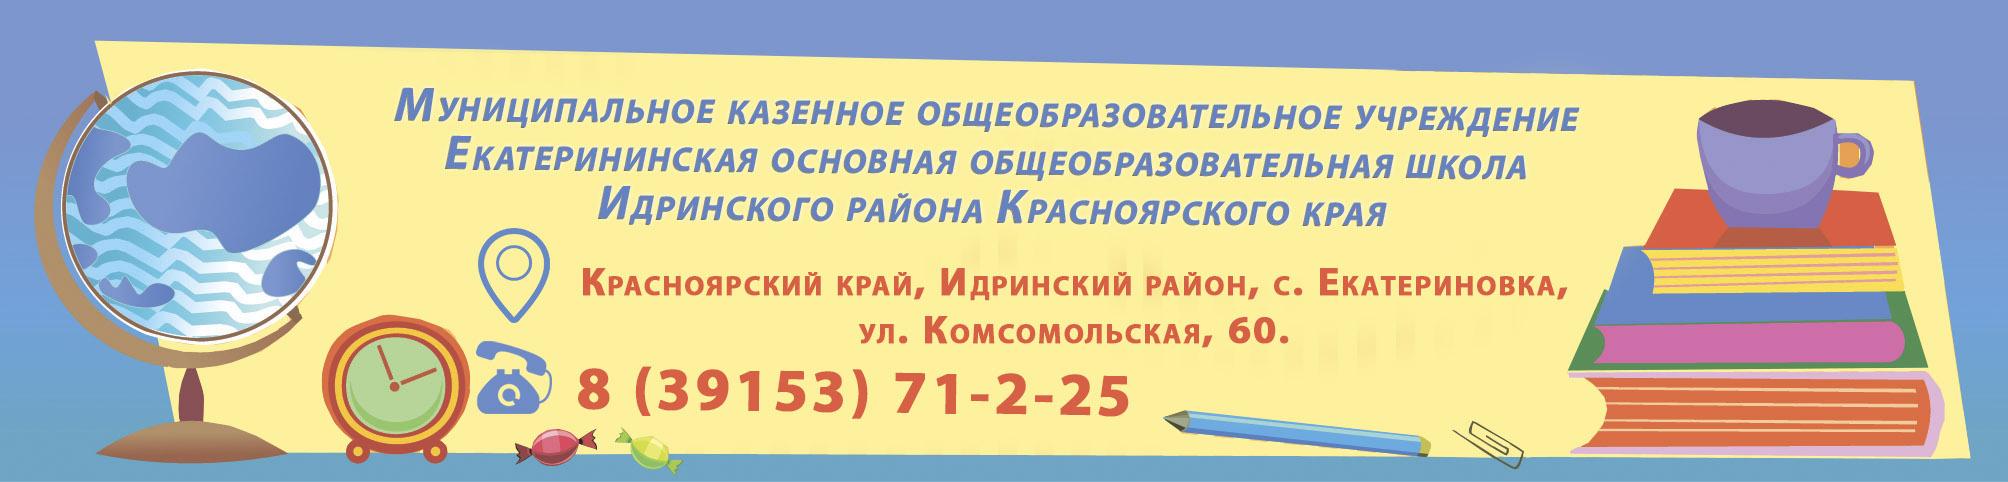 Екатерининская основная общеобразовательная школа Идринского района Красноярского края